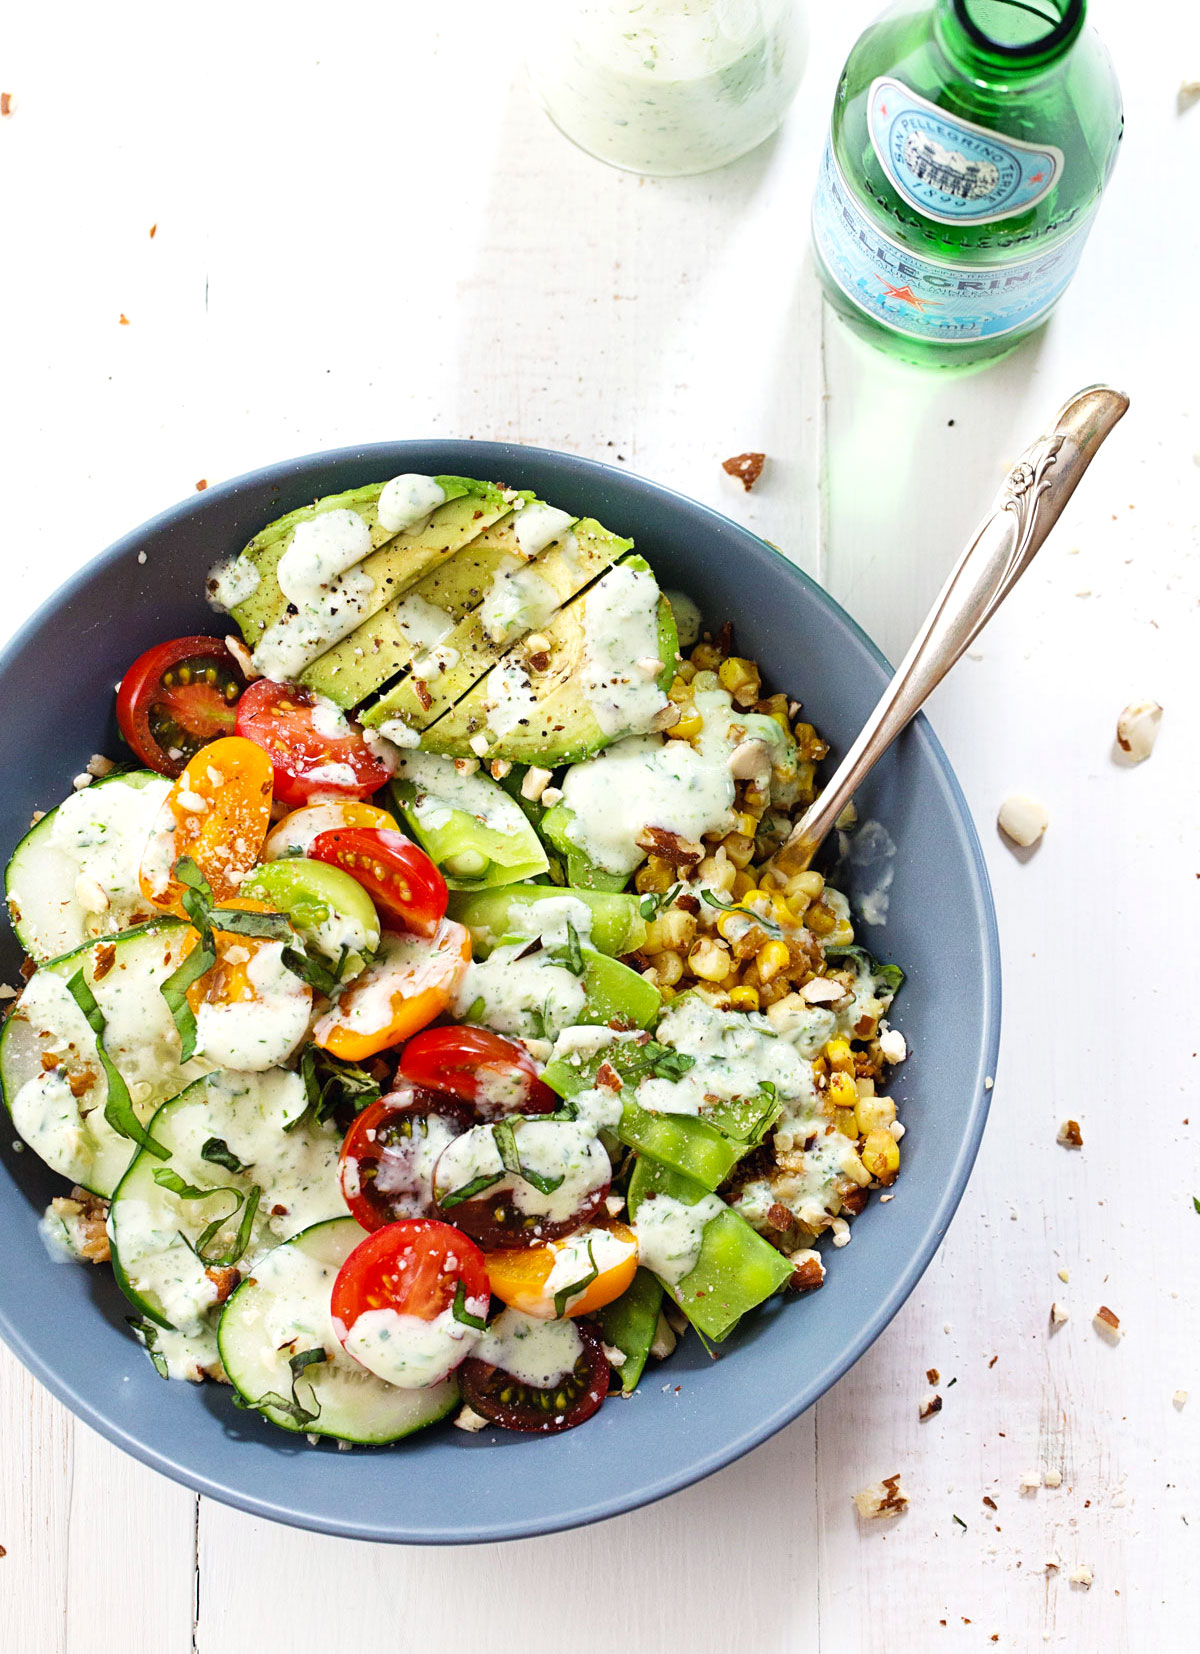 garden-veggie-bowls-with-ranch.jpg